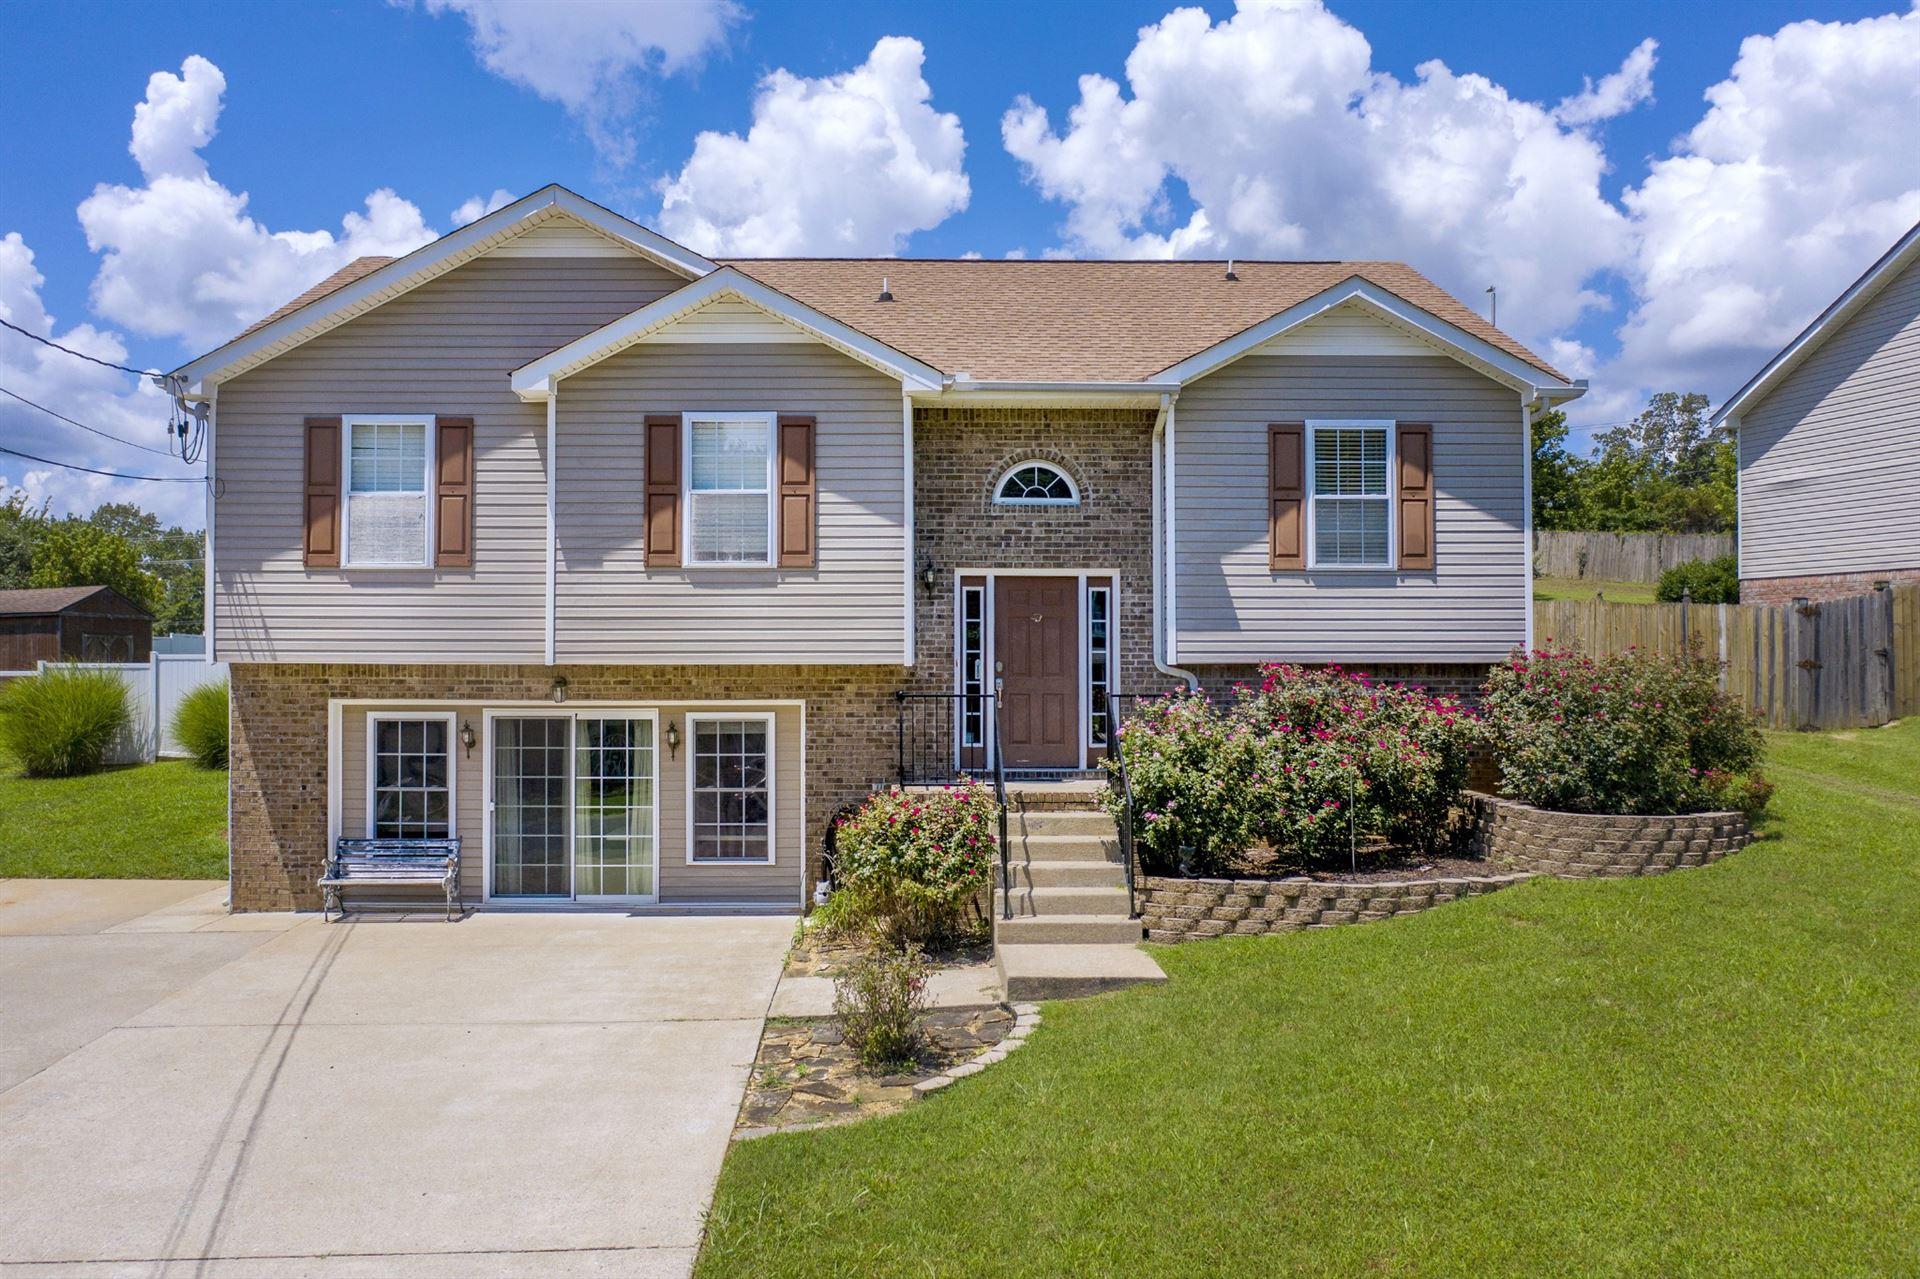 1468 Buchanon Dr, Clarksville, TN 37042 - MLS#: 2174759